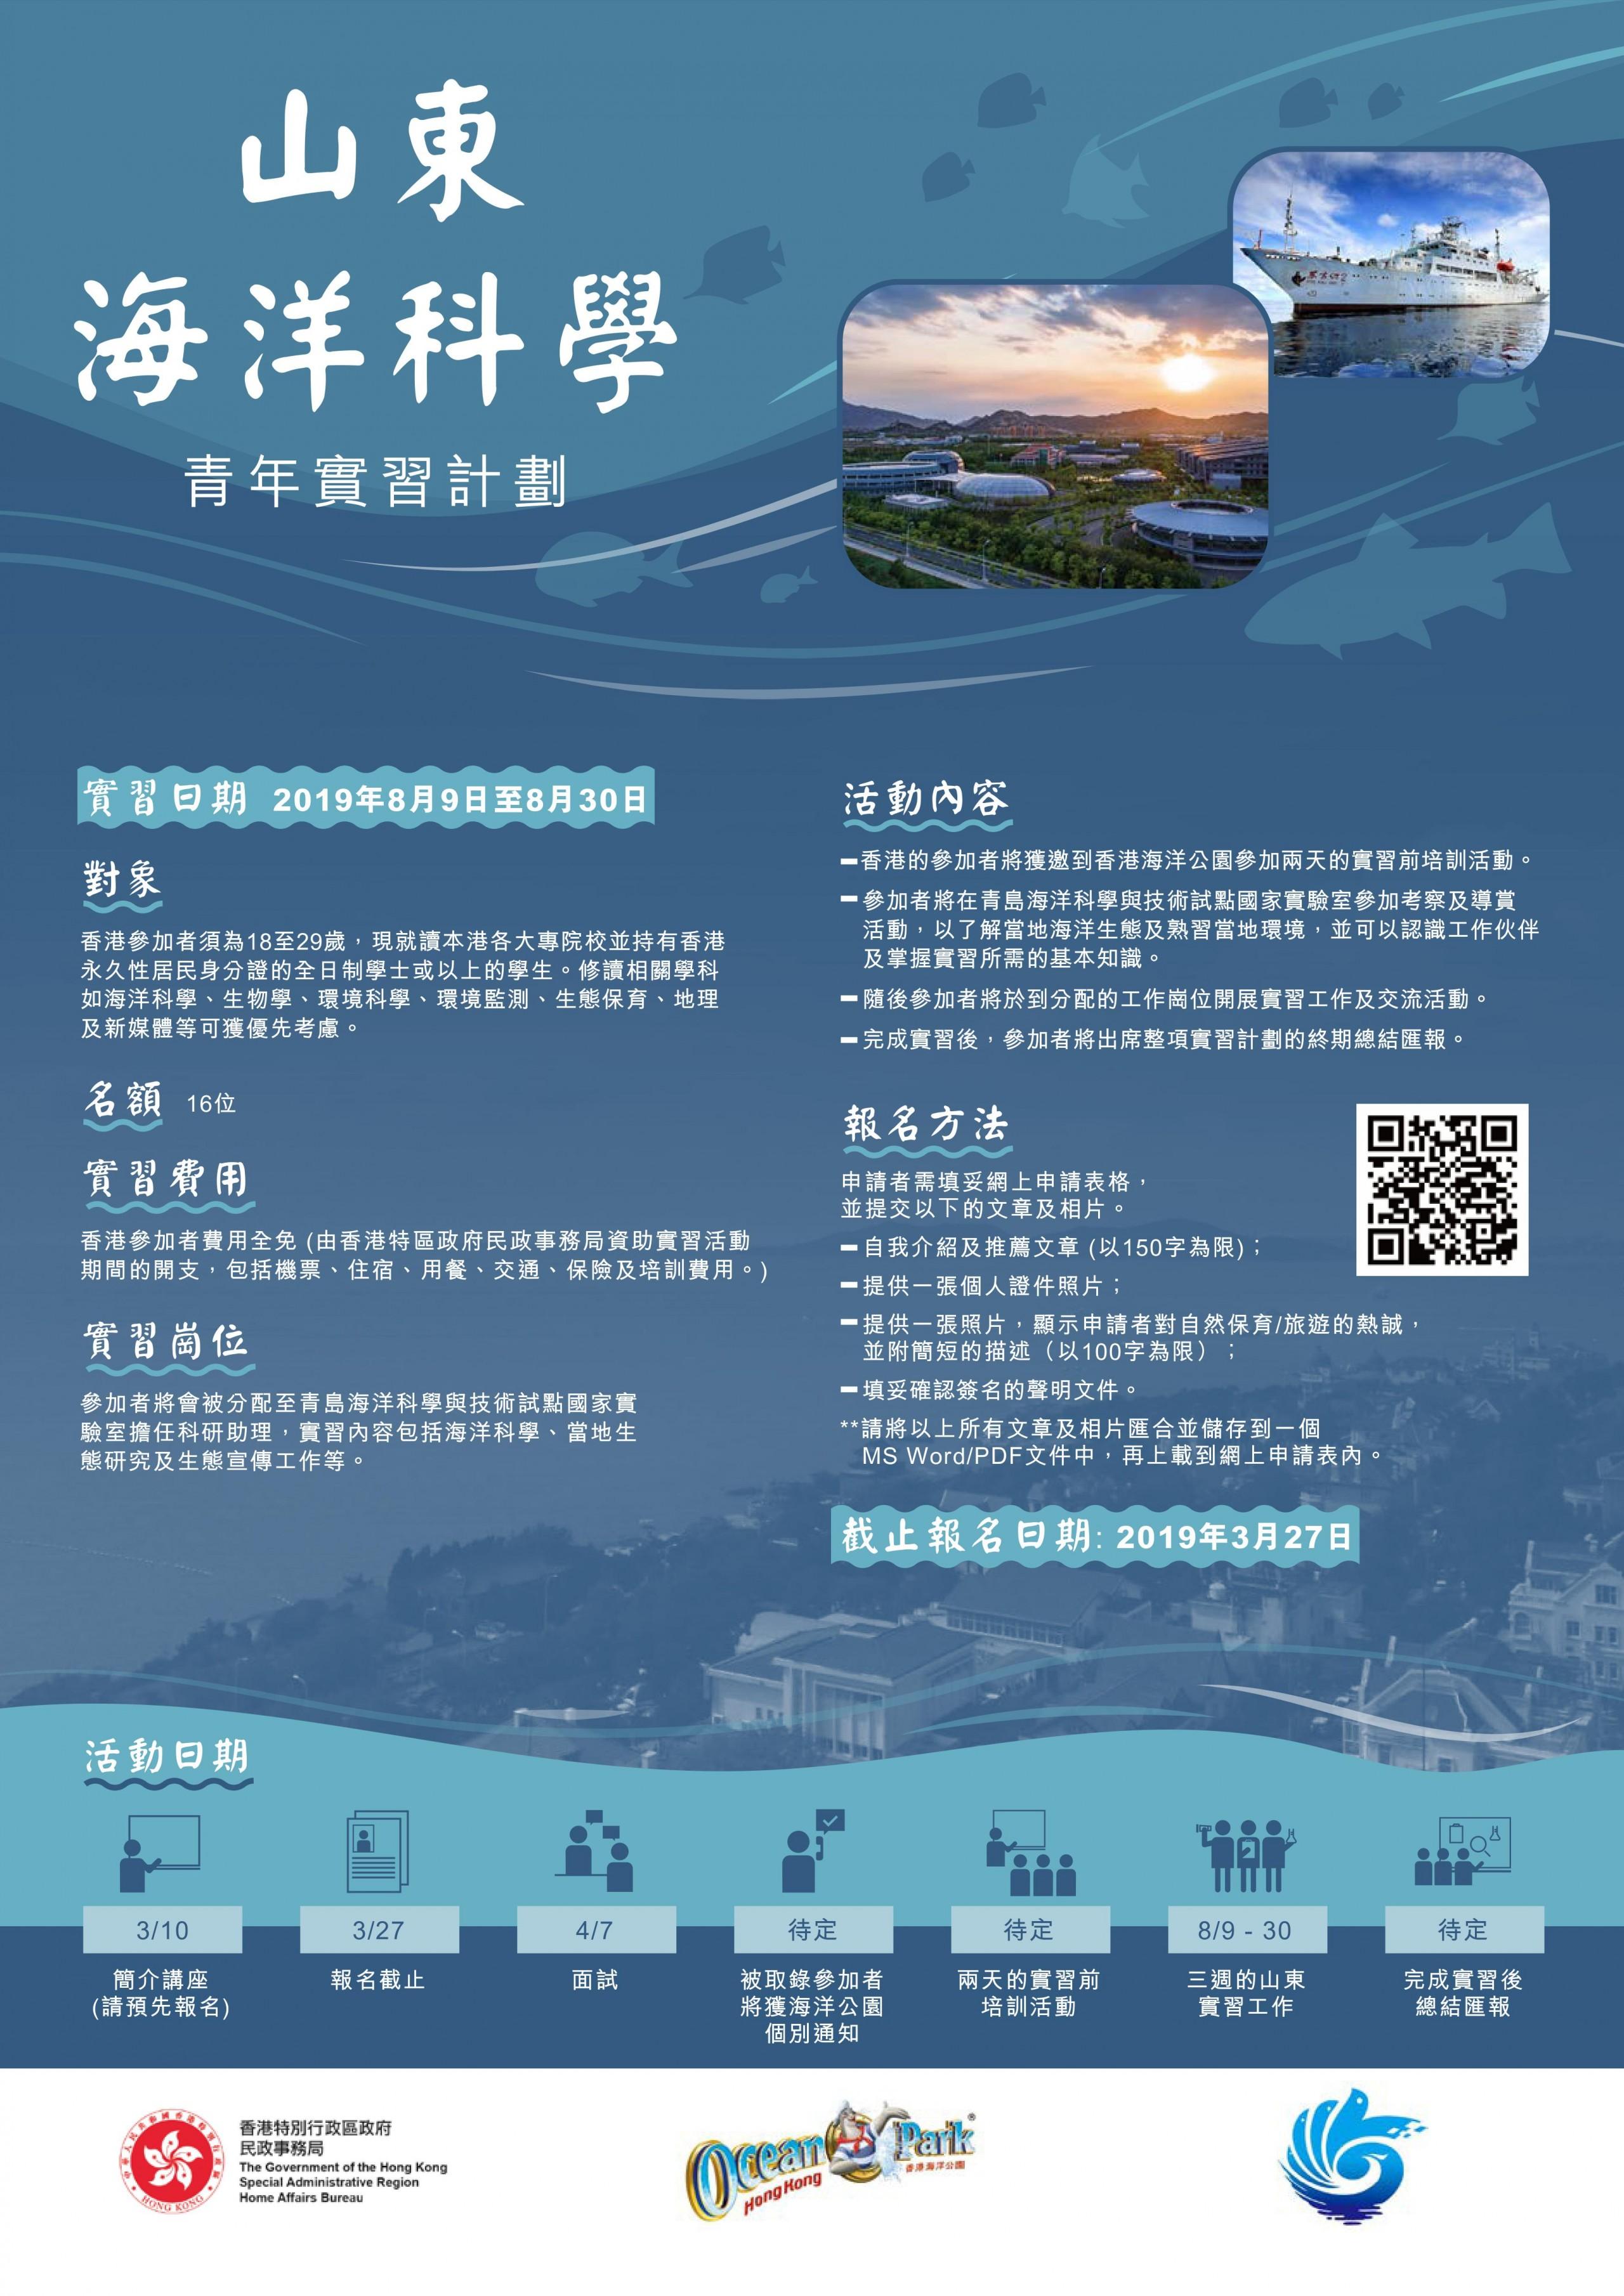 <h2>山東海洋科學<br>青年實習計劃</h2>